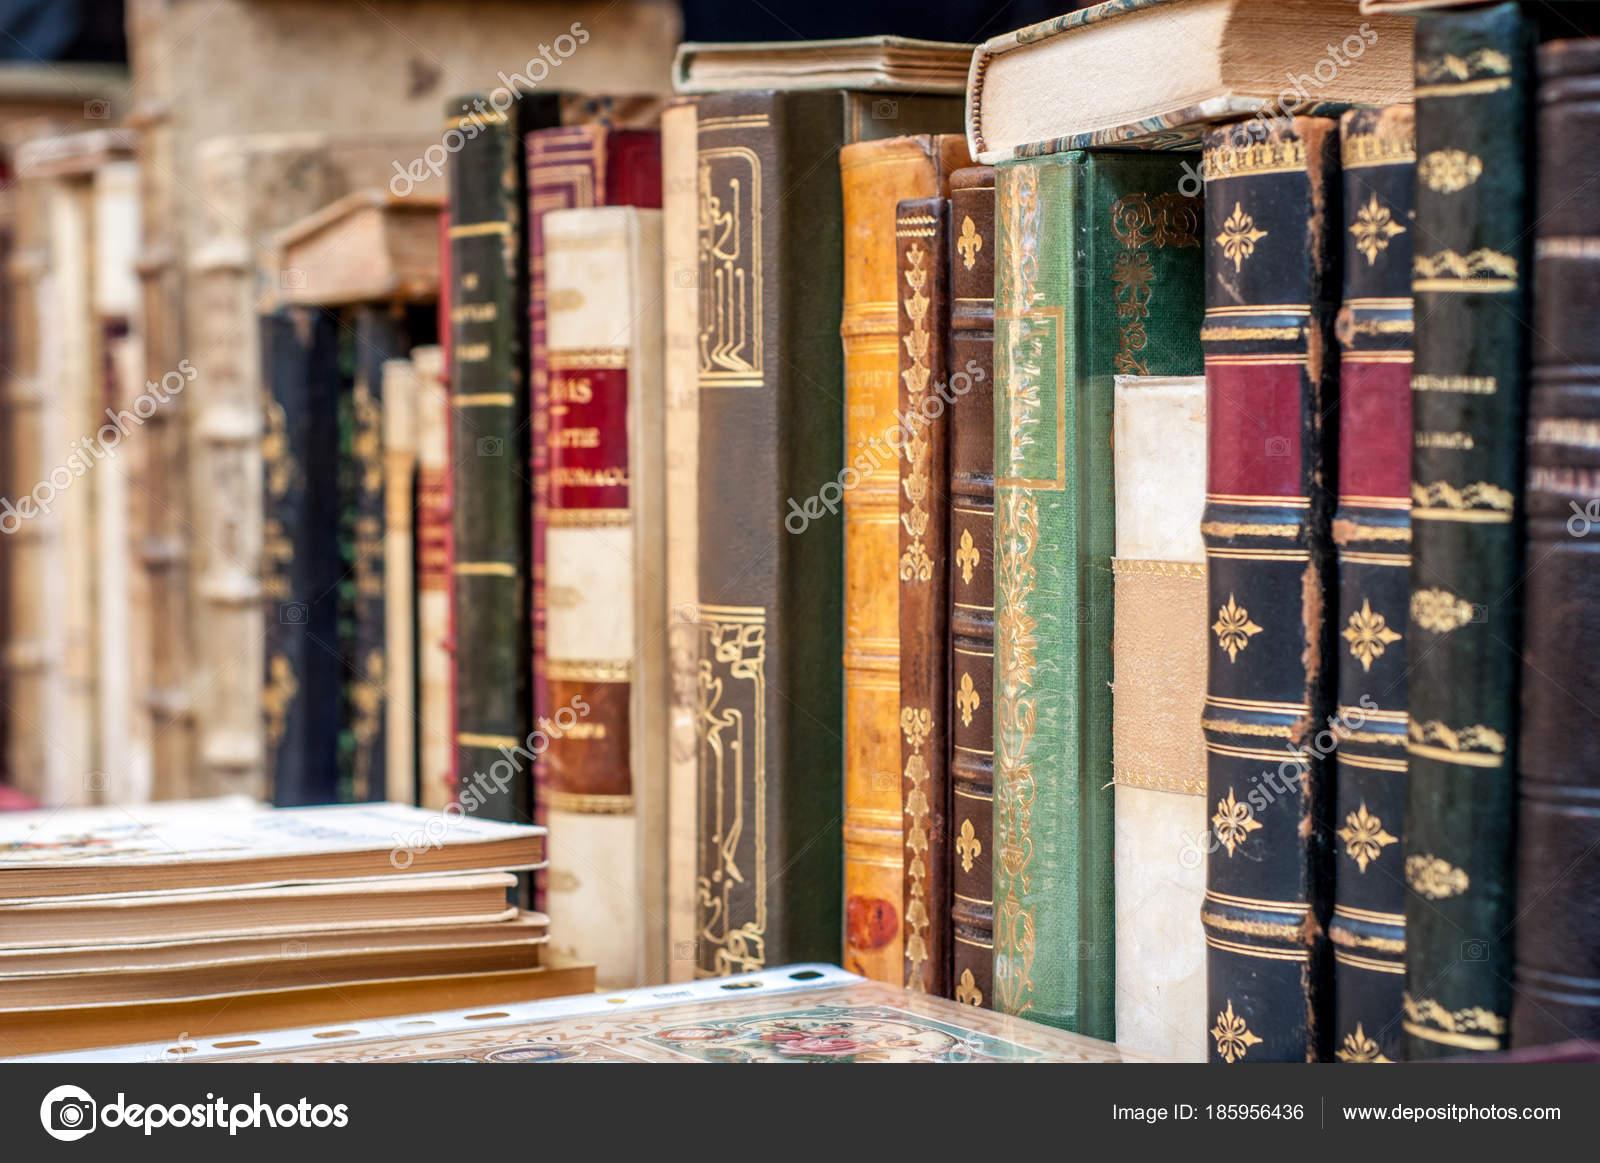 03a43fb0556c Könyvek bőr kiterjed a sorban. Régi kéziratok. Éves, használt könyvek —  Fotó szerzőtől ...